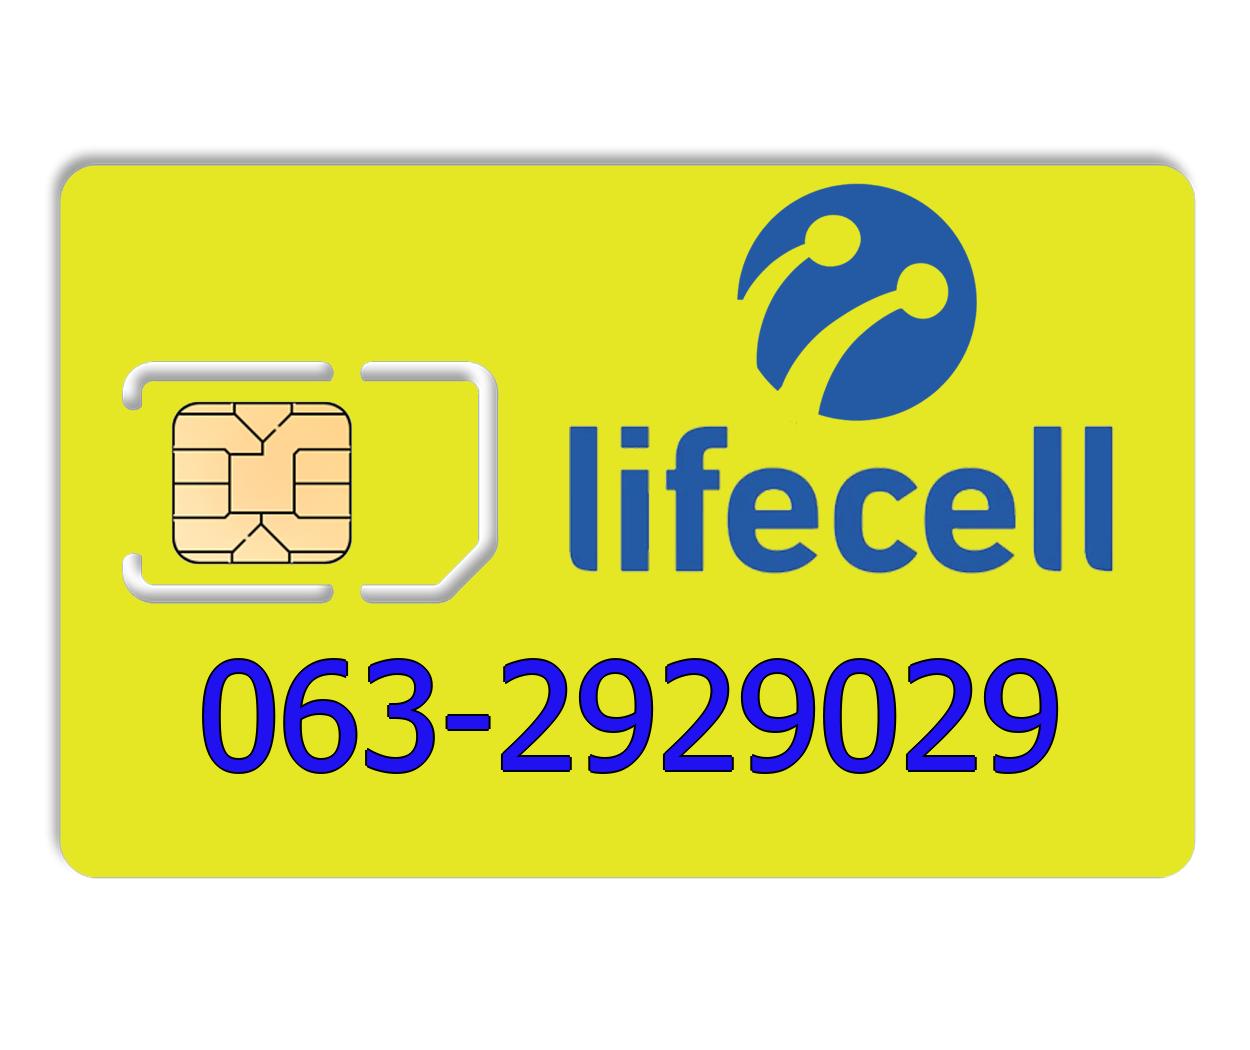 Красивый номер lifecell 063-2929029